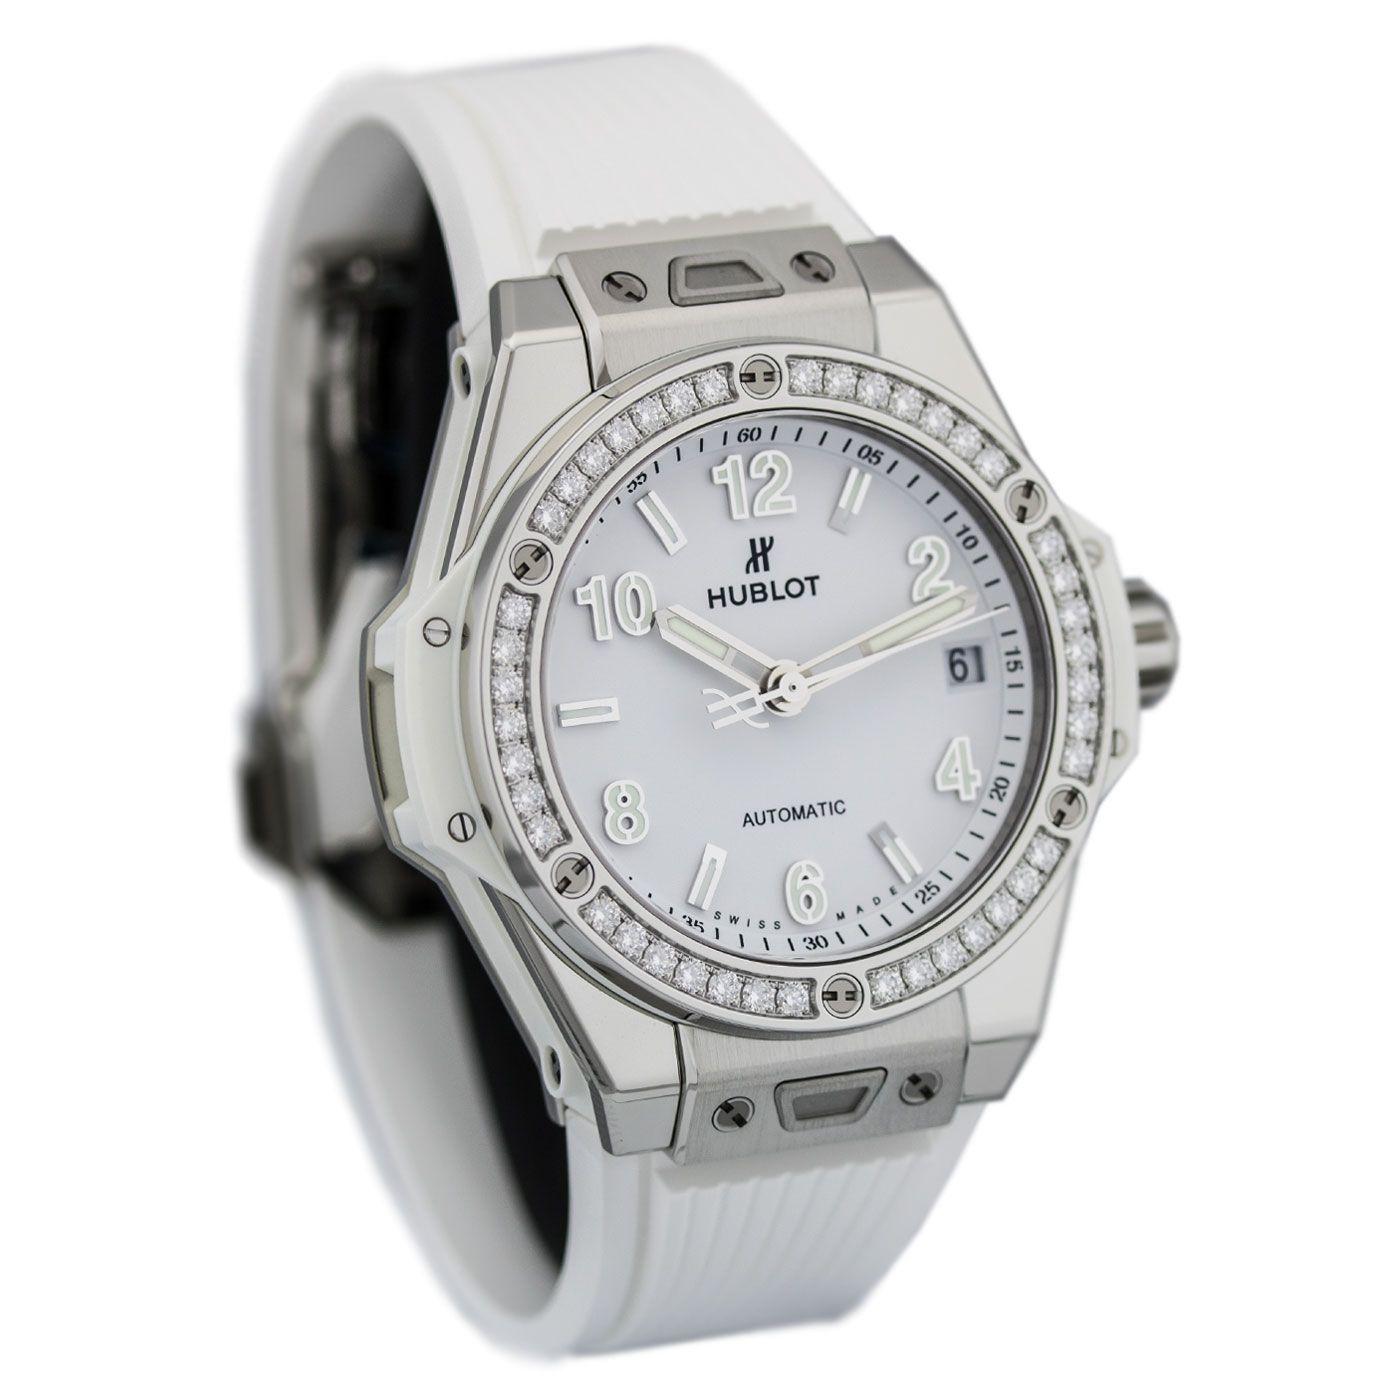 Điểm danh những mẫu đồng hồ Hublot màu trắng sang trọng nhất